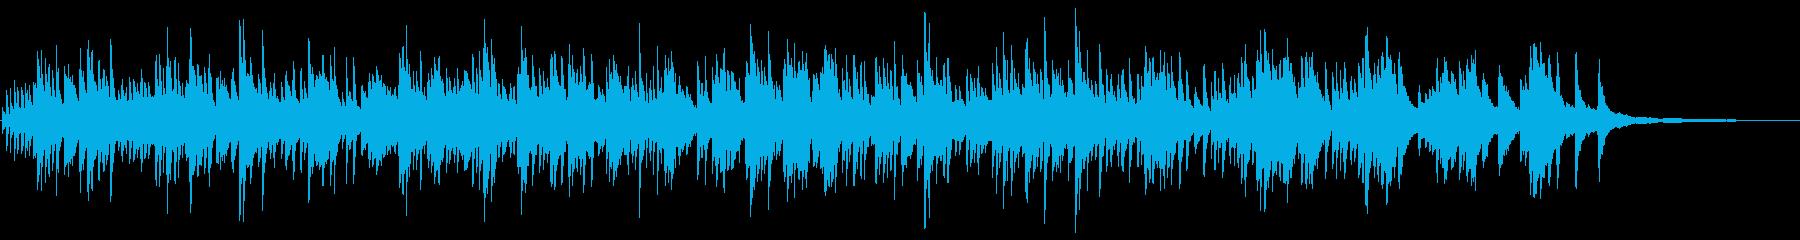 メロディが美しく印象的 生演奏のピアノの再生済みの波形